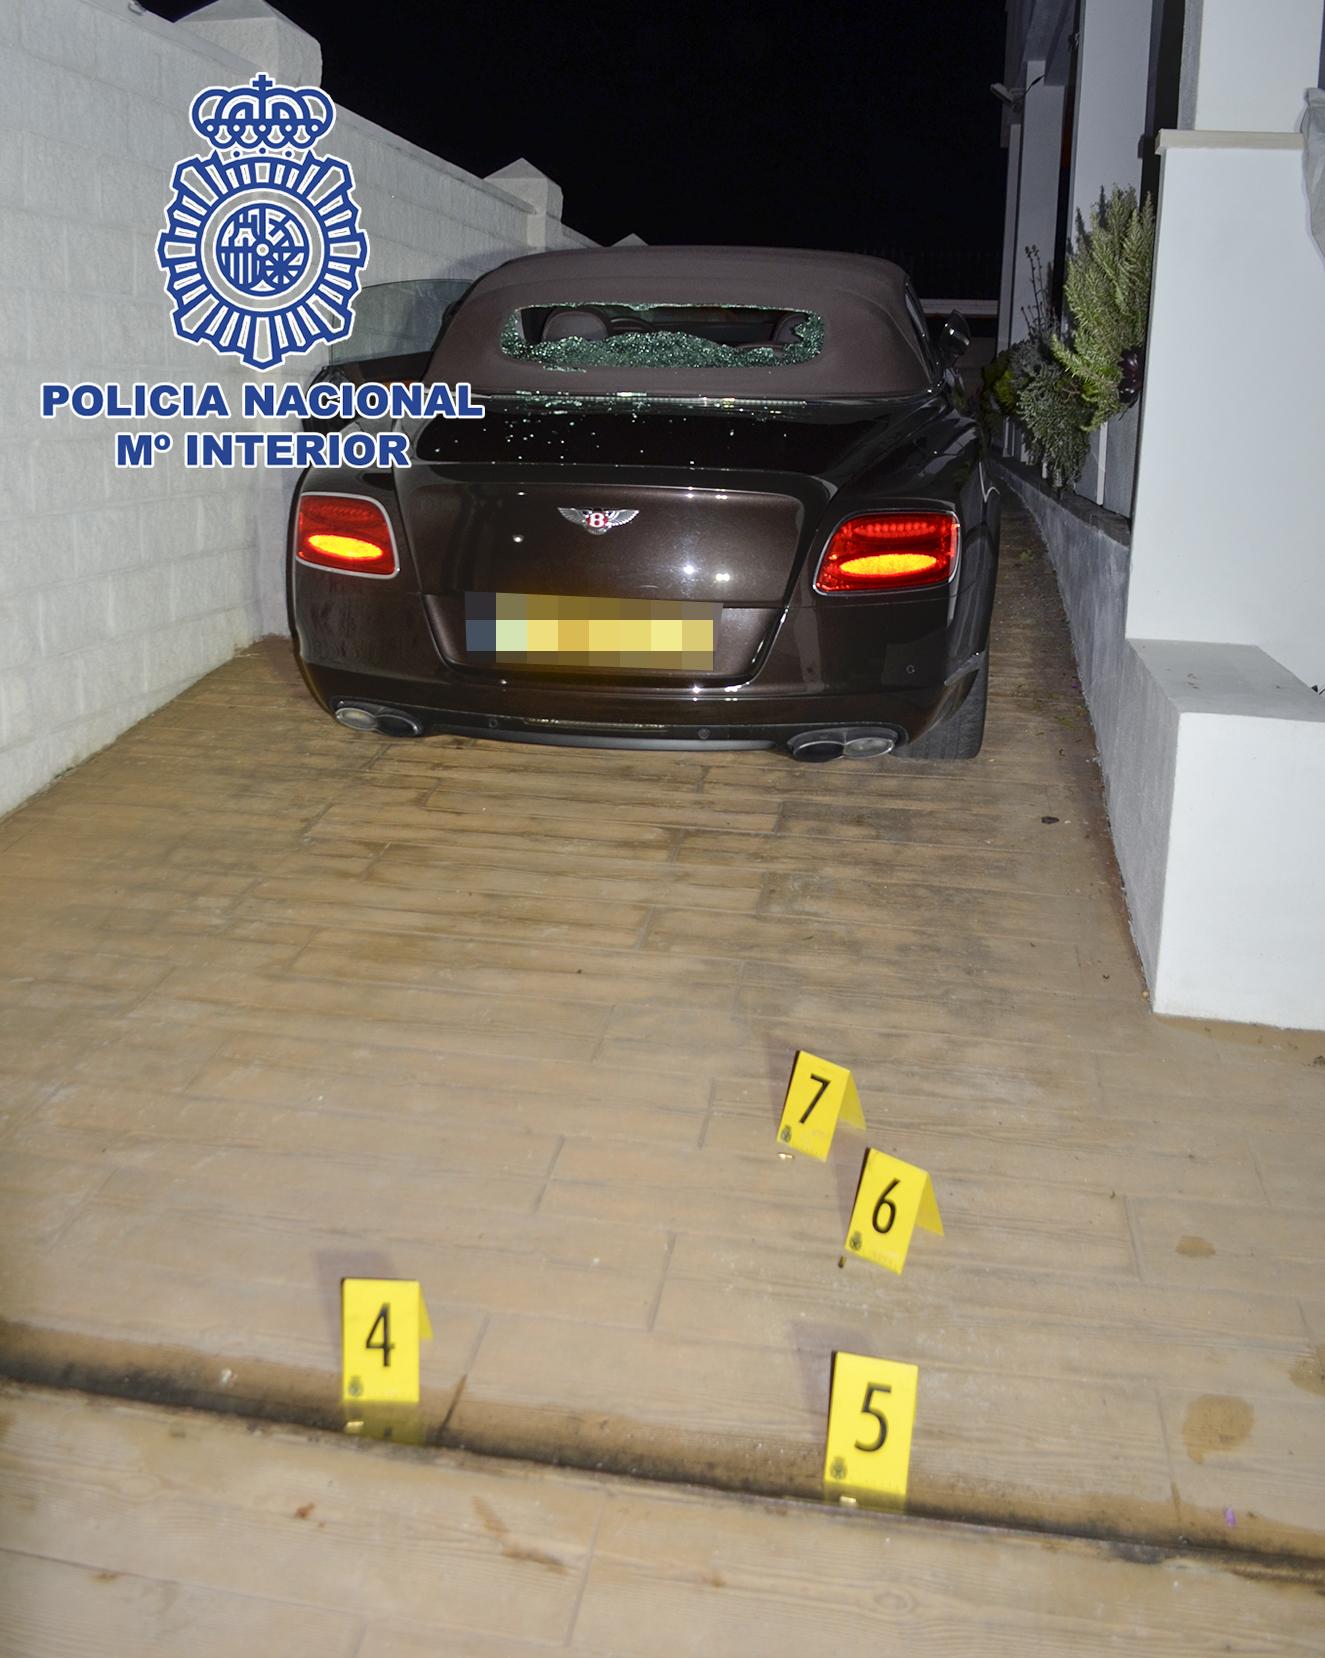 Escena del crimen en Marbella que se achaca a la banda de sicarios.